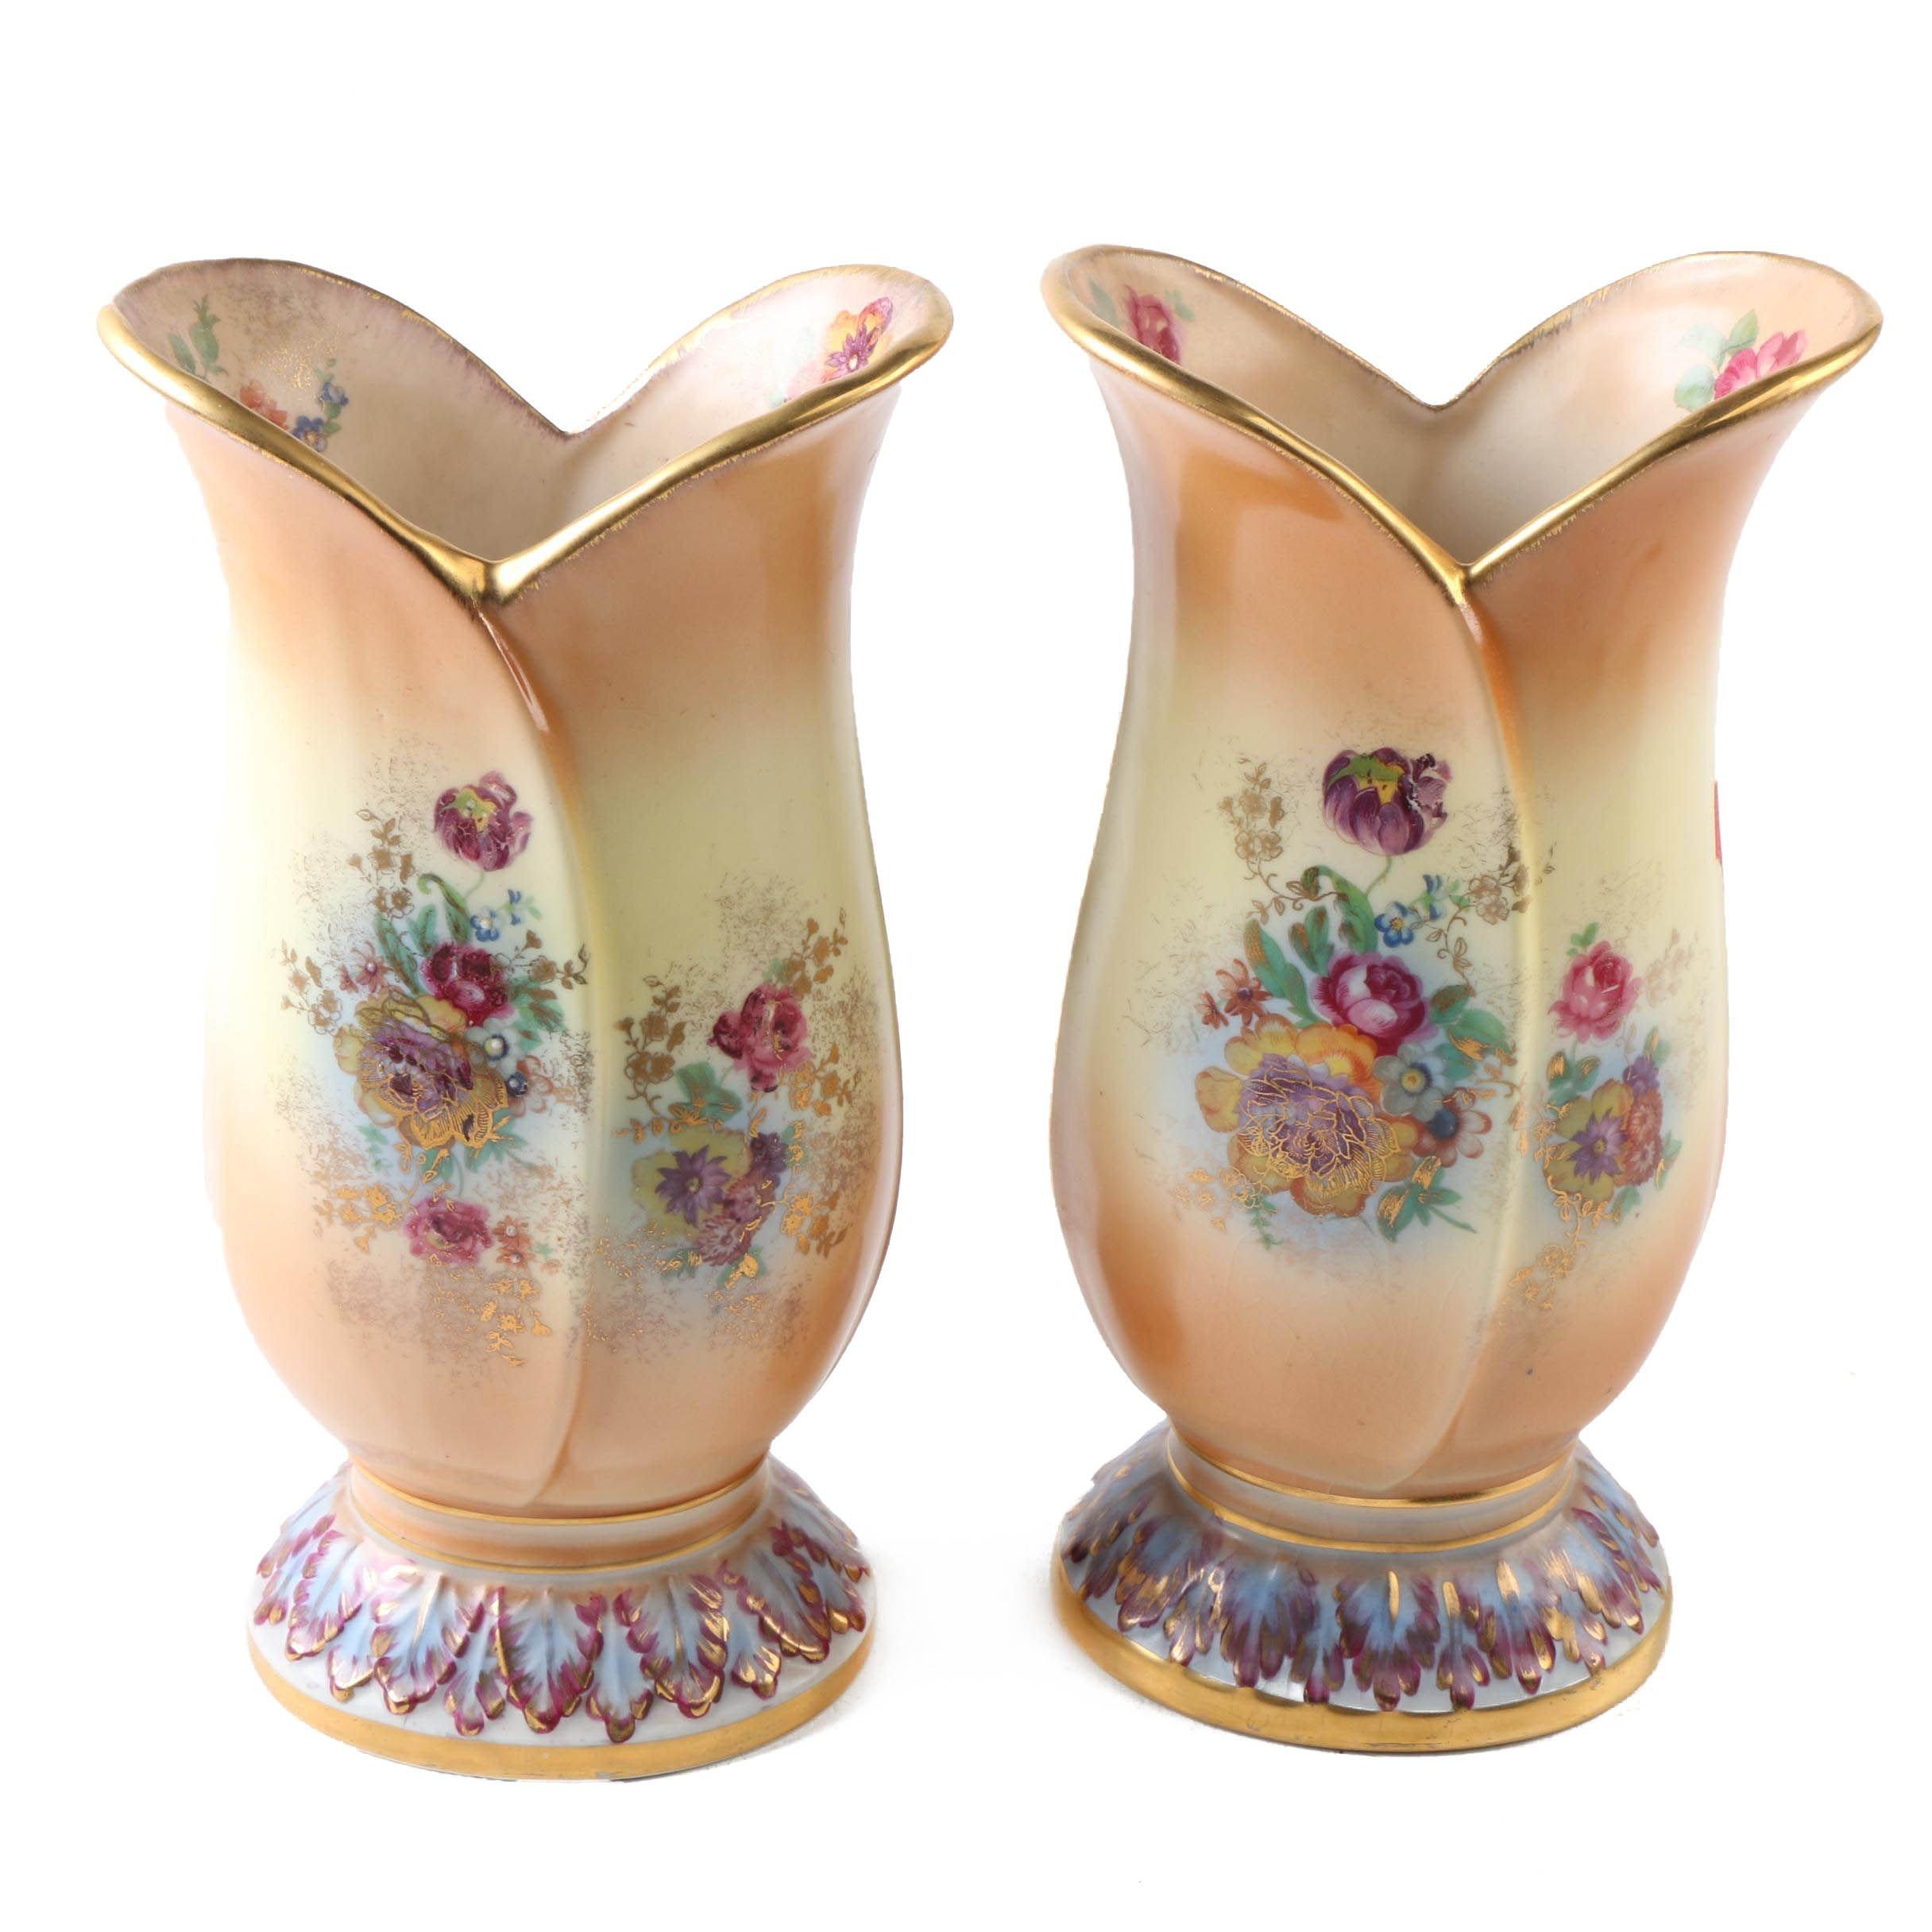 Tulip Shaped Floral Motif Ceramic Vases